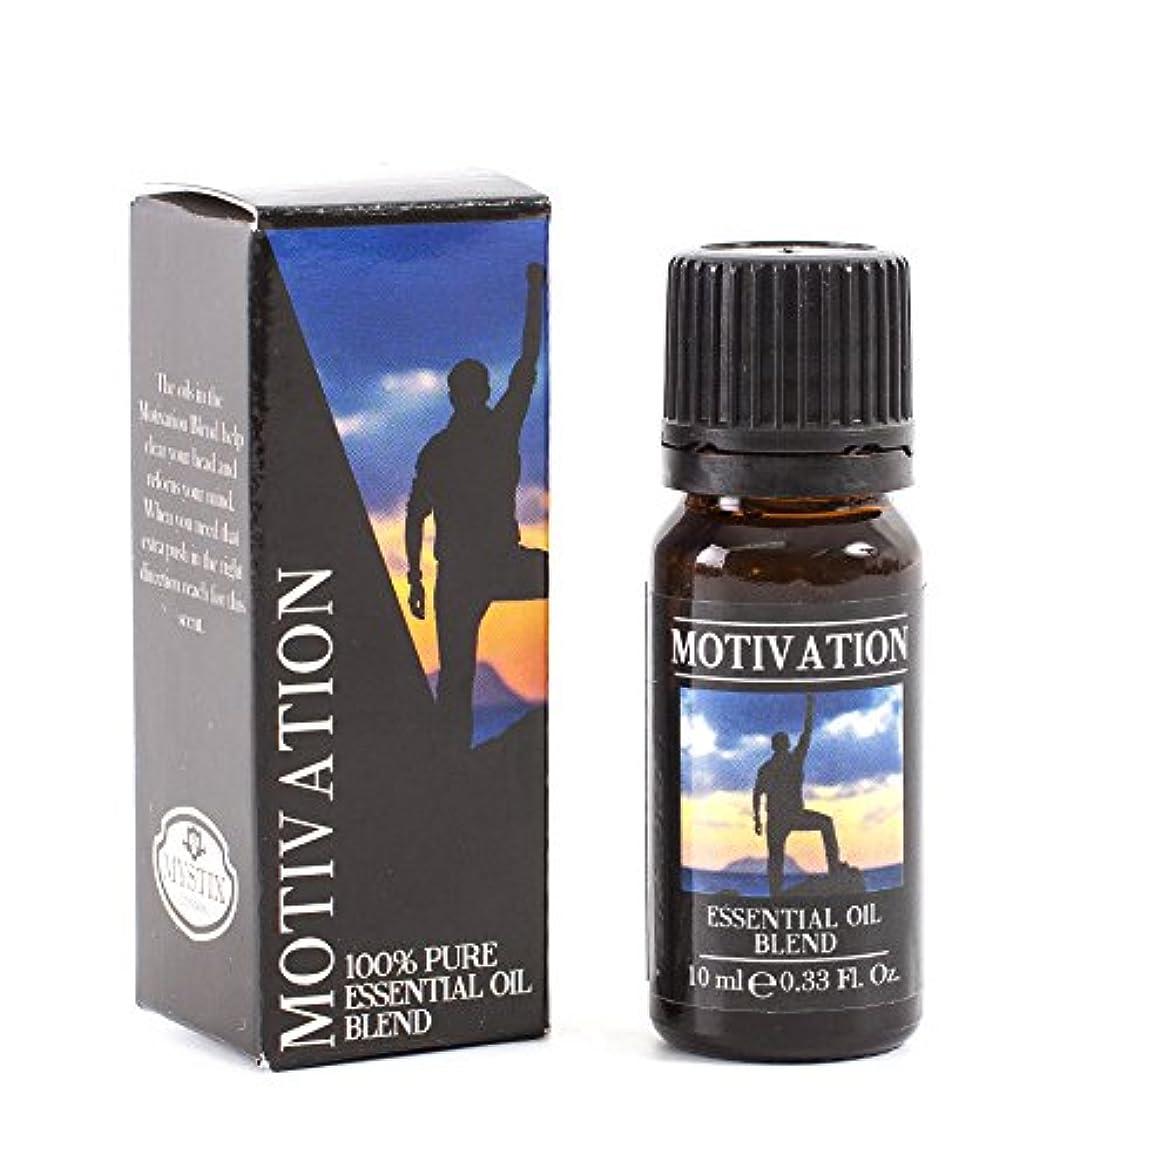 ワイヤー受付最初にMystix London | Motivation Essential Oil Blend - 10ml - 100% Pure